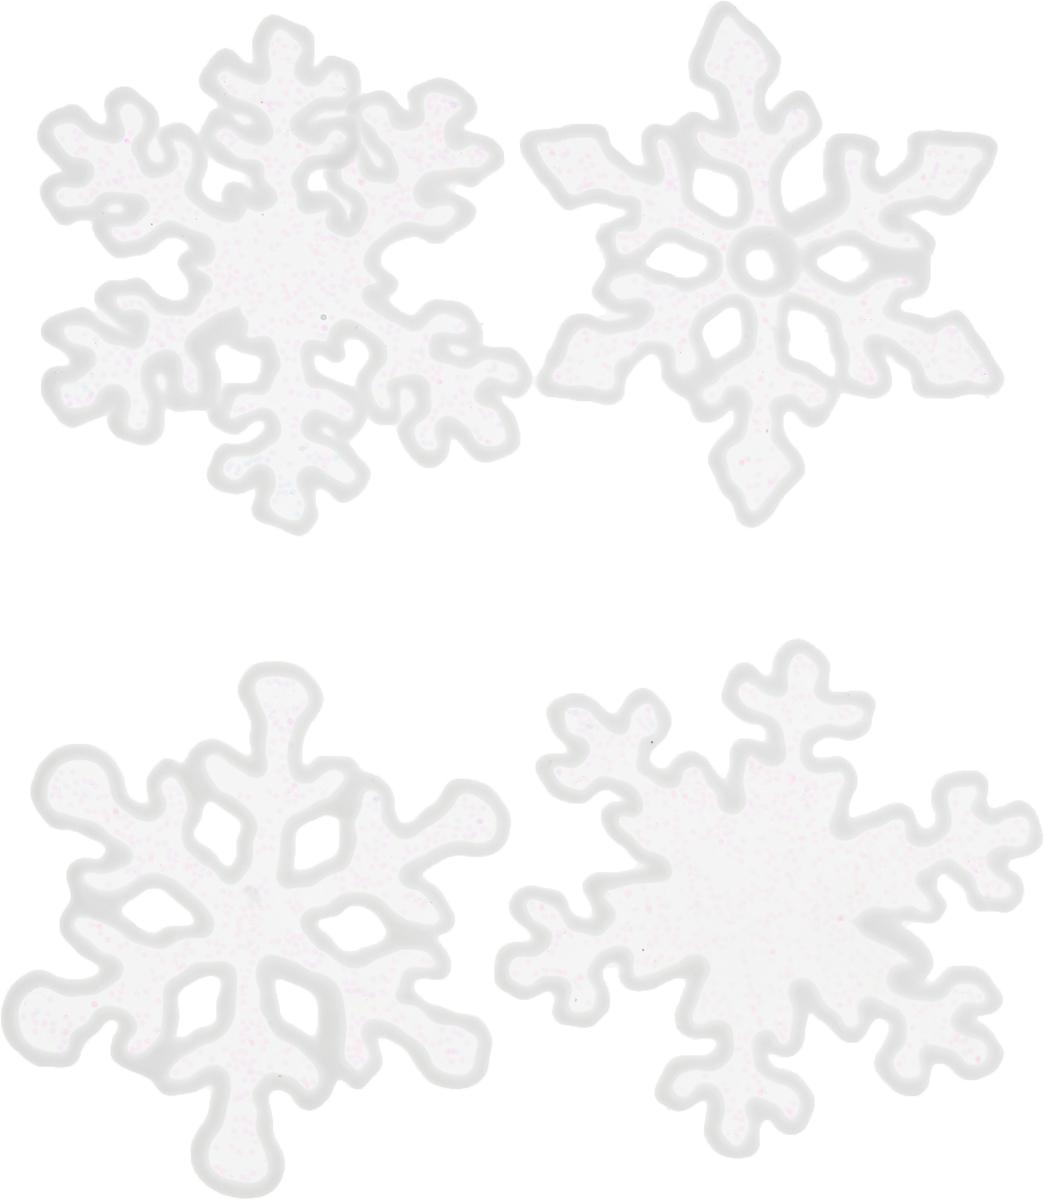 Наклейки на стекло Блестящие снежинки, 4 шт1399731Зимой не только мороз украшает стекла узорами. Сделайте интерьер еще торжественней: преобразите его с помощью специальных наклеек! Декор из силикона не содержит клей и не оставляет следов. Пластичная фигурка сама прилипает к гладкой поверхности, а в конце зимних праздников ее легко снять и отложить до следующего года. Прикрепите на стекло или зеркало одно украшение или создайте целую композицию. Новогодние наклейки приблизят праздничное настроение!